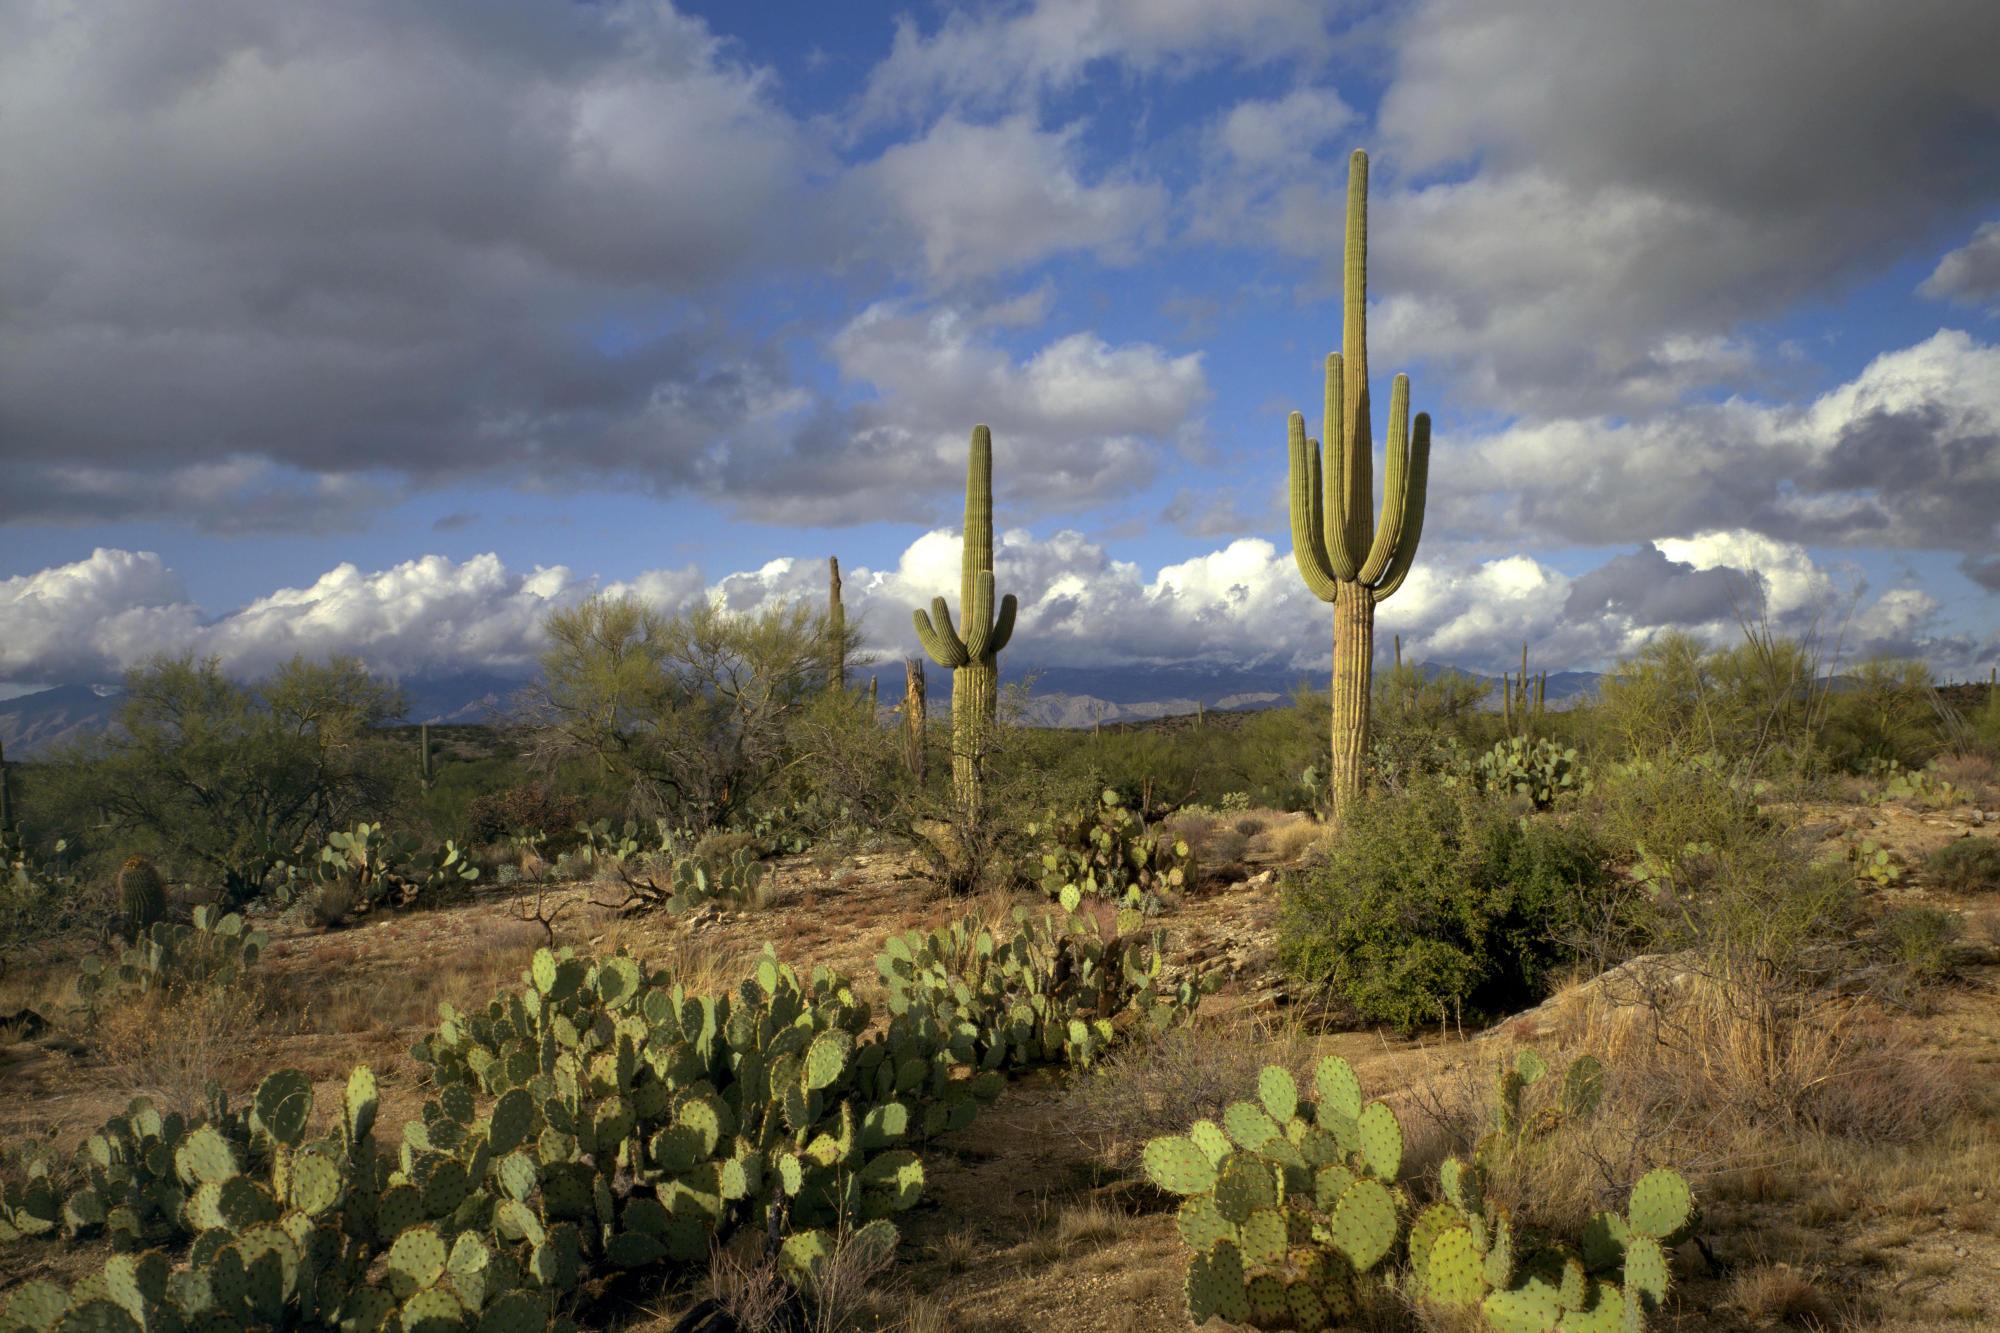 Arizona nice picture Arizona nice photo Arizona nice wallpaper 2000x1333